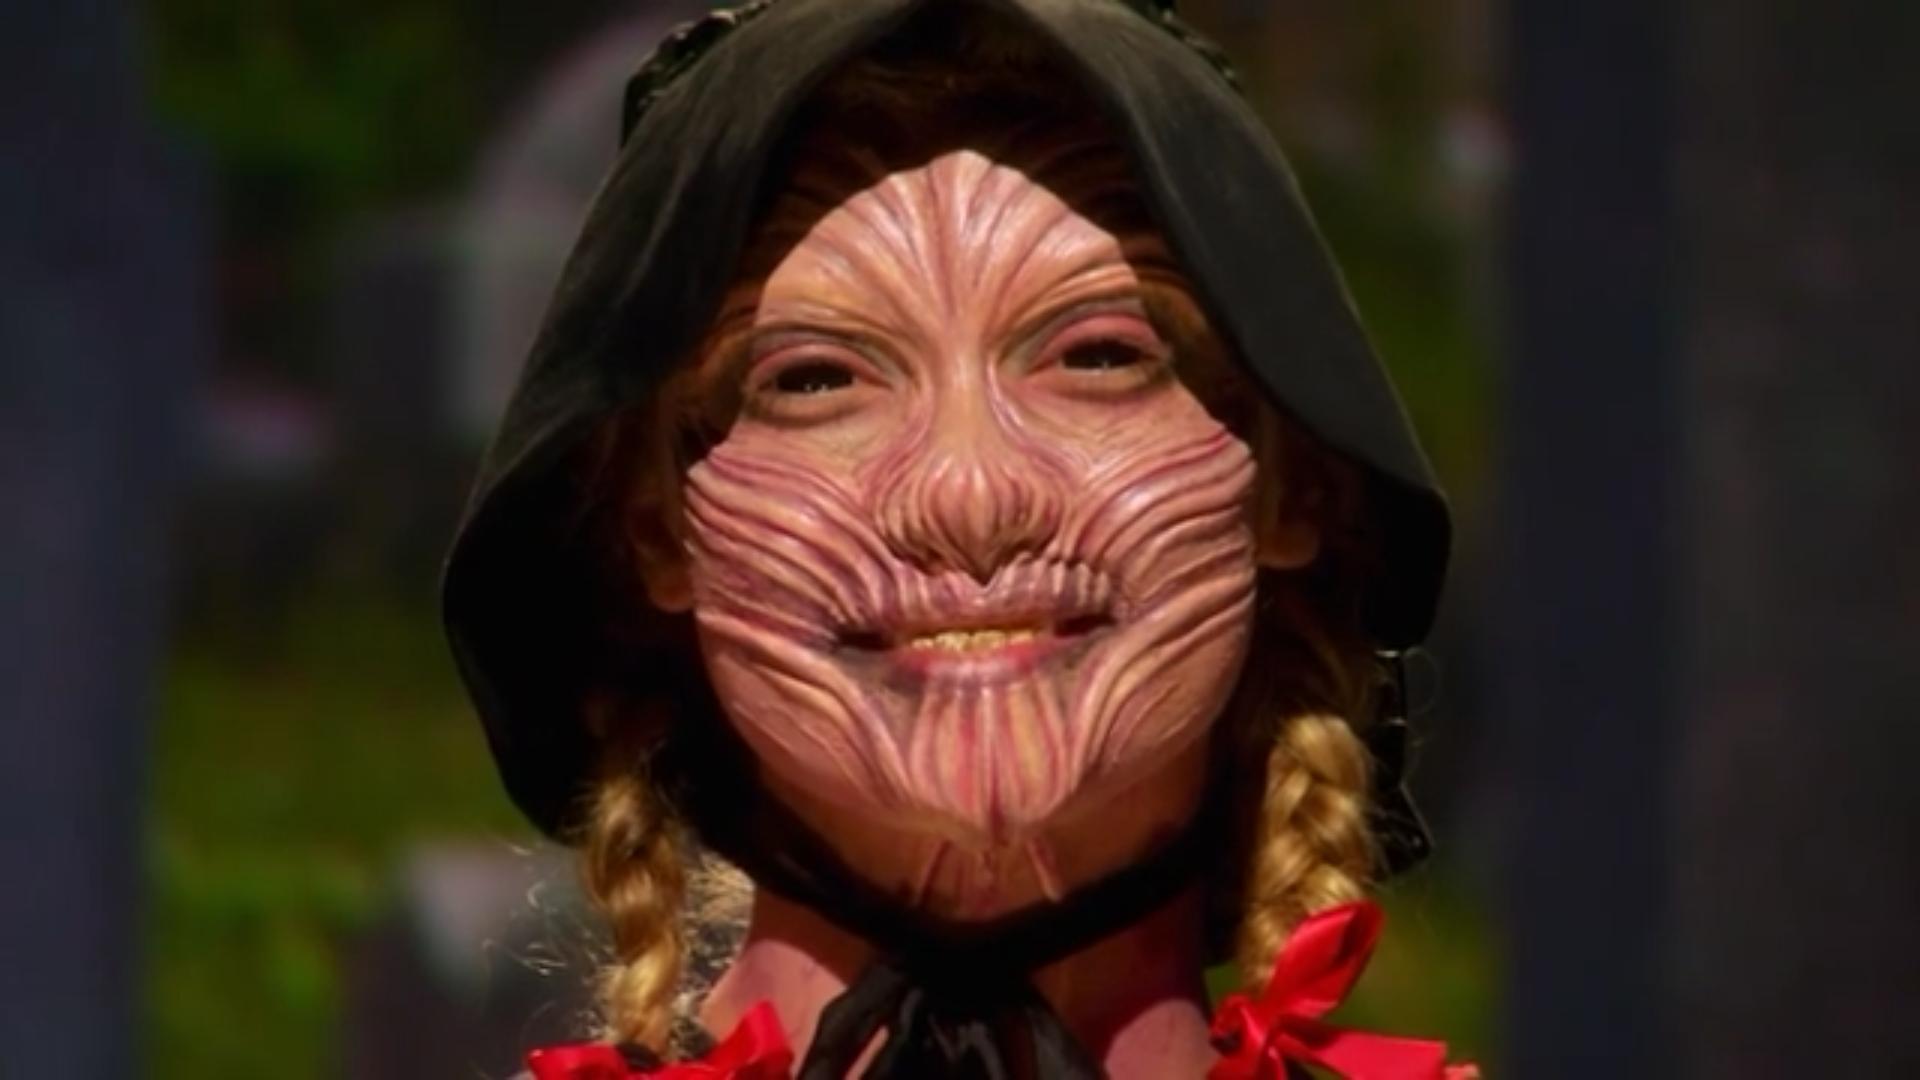 A close look at Jason Henricks' finished makeup